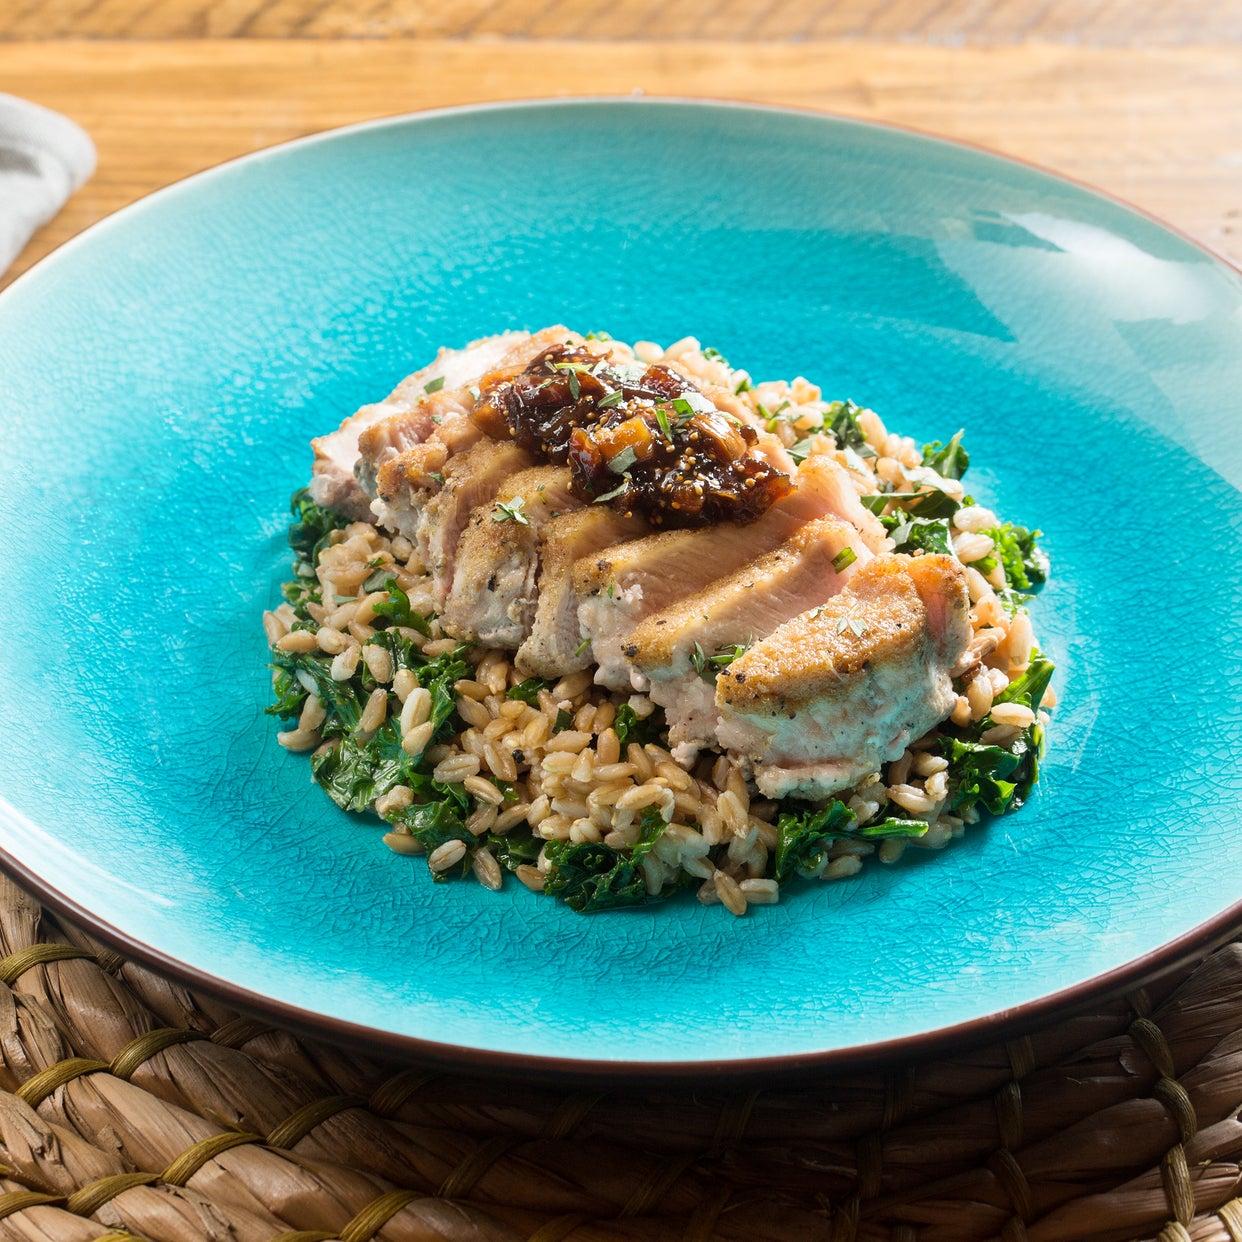 Seared Pork Chops & Fig Compote with Sautéed Kale & Farro Salad